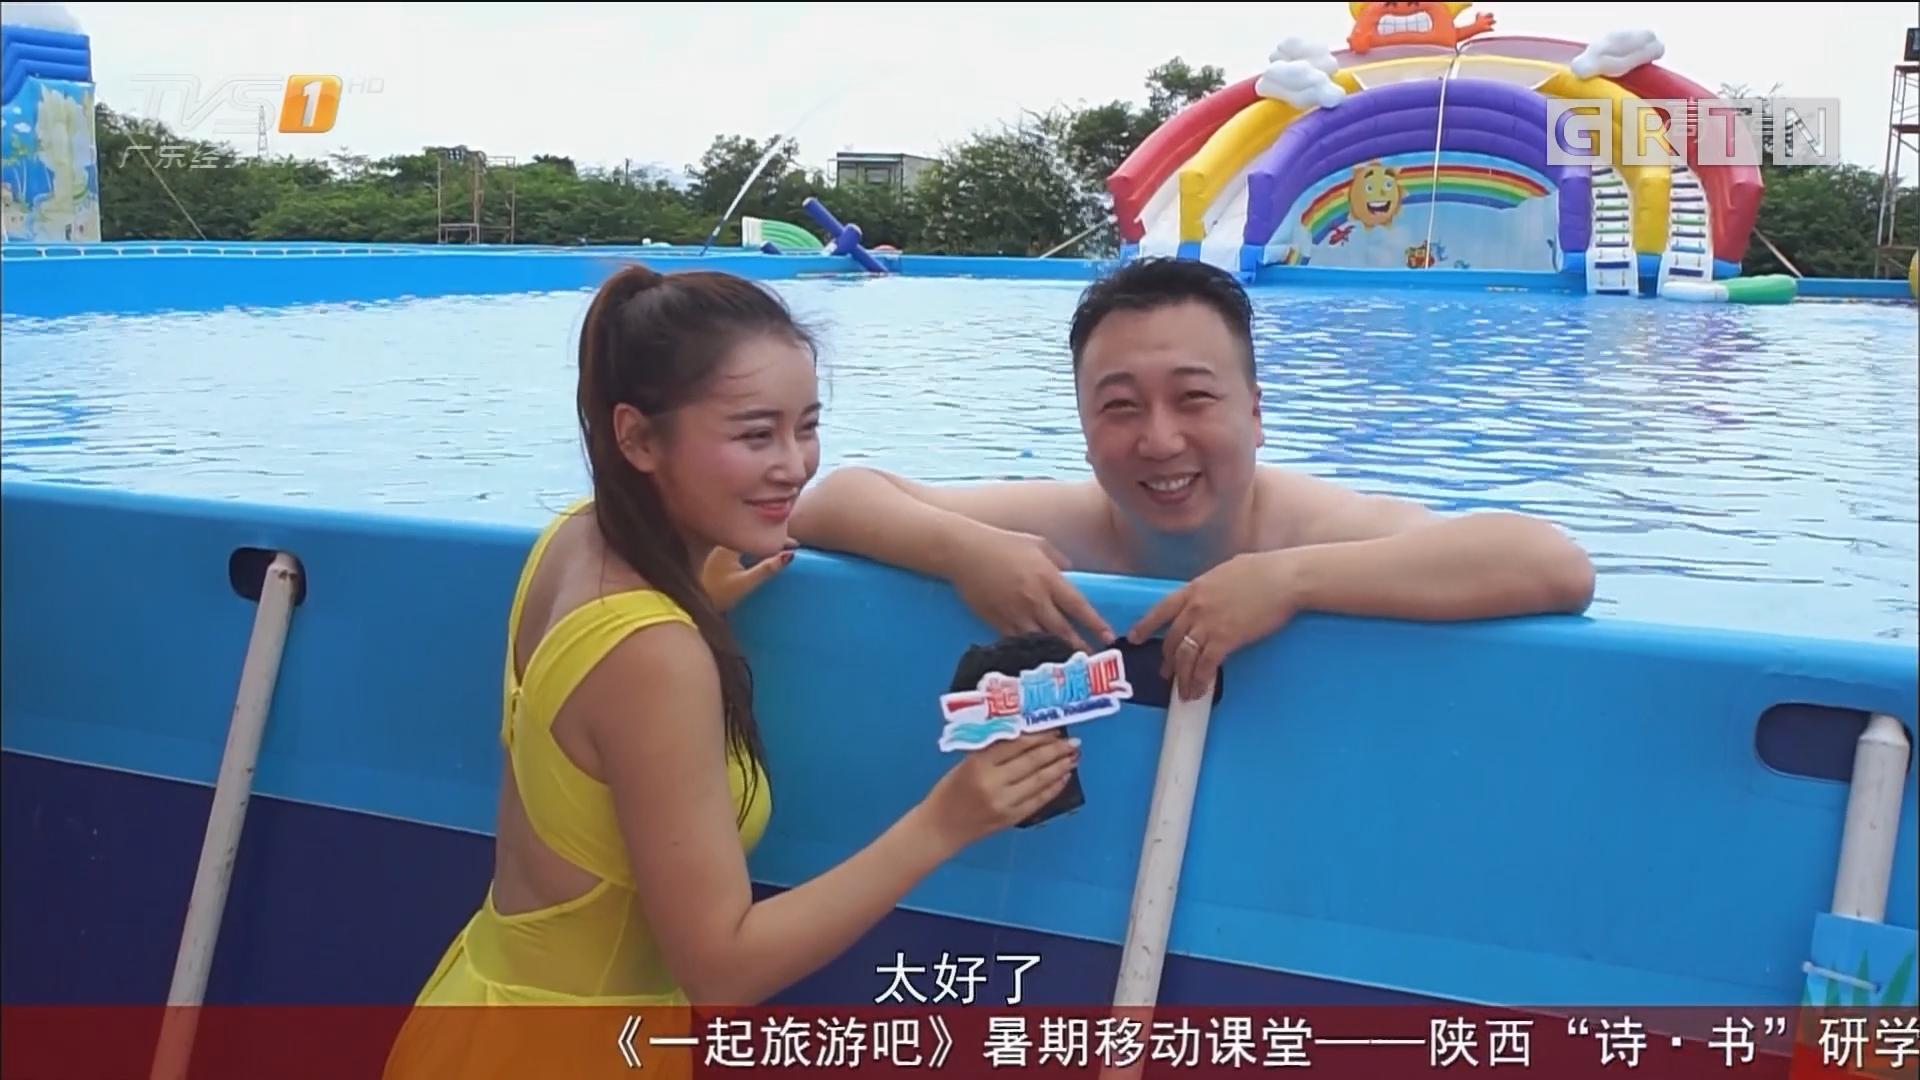 西樵山国艺影视城——奇幻水城